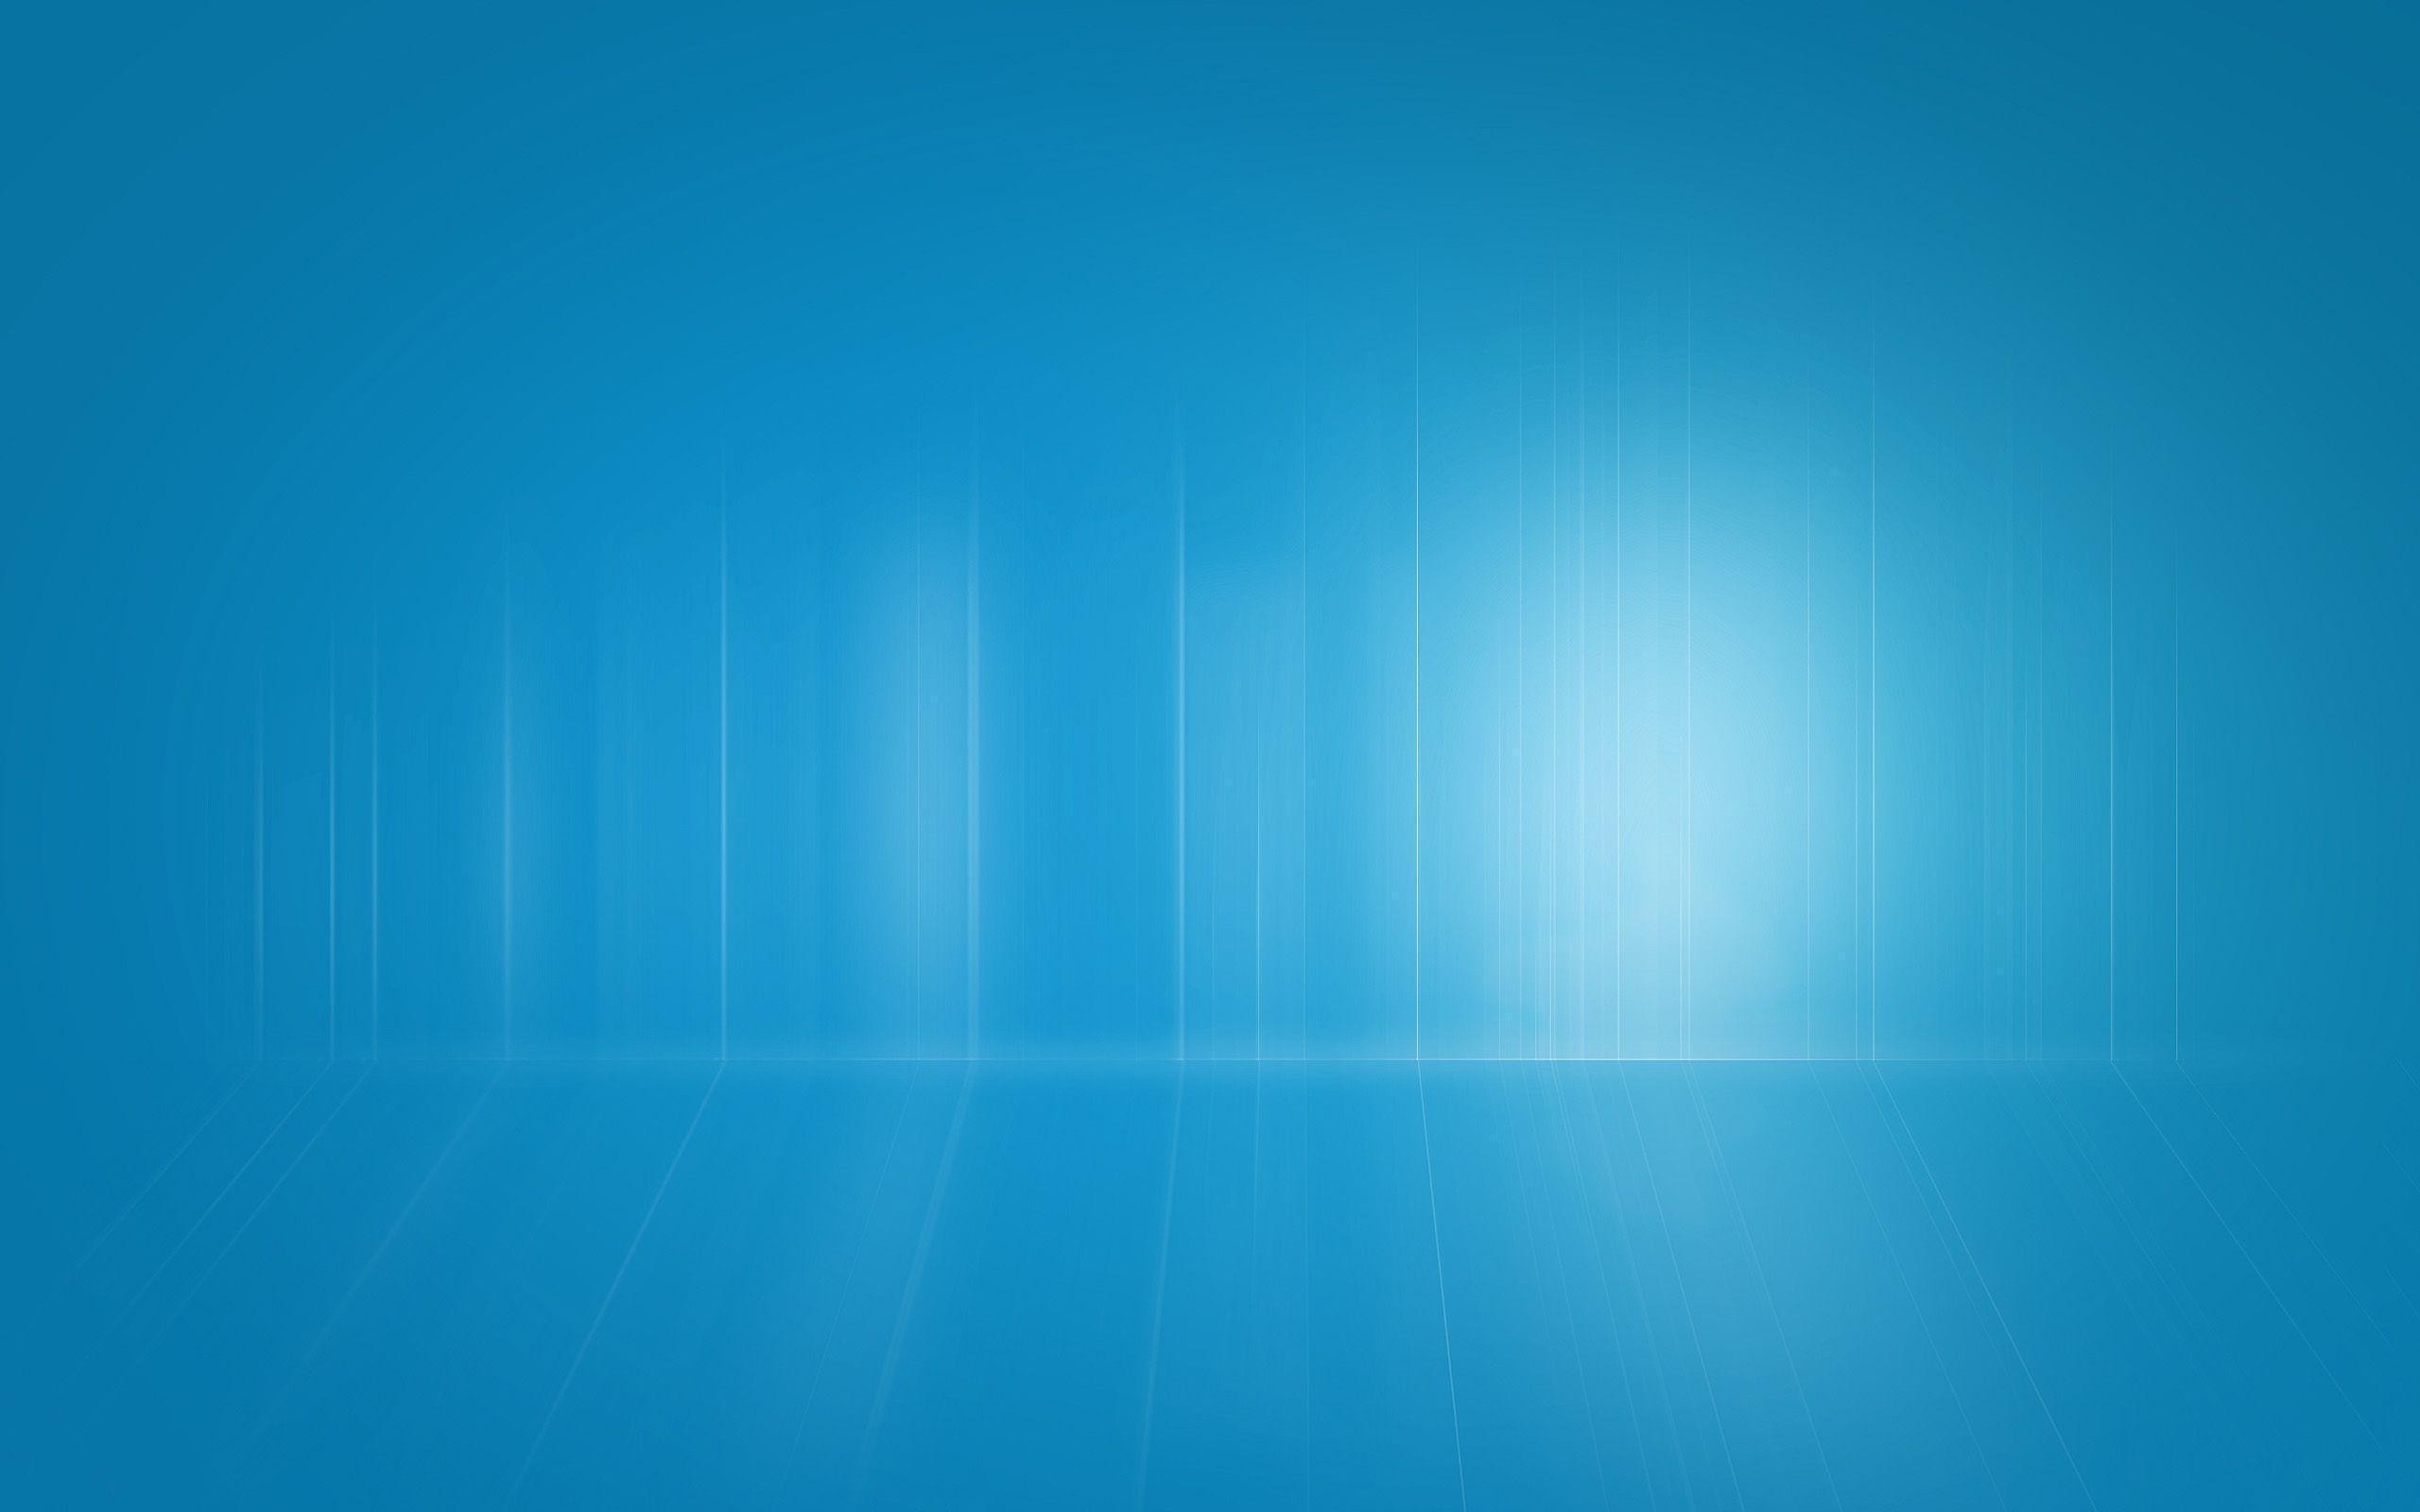 Ảnh nền màu xanh dương